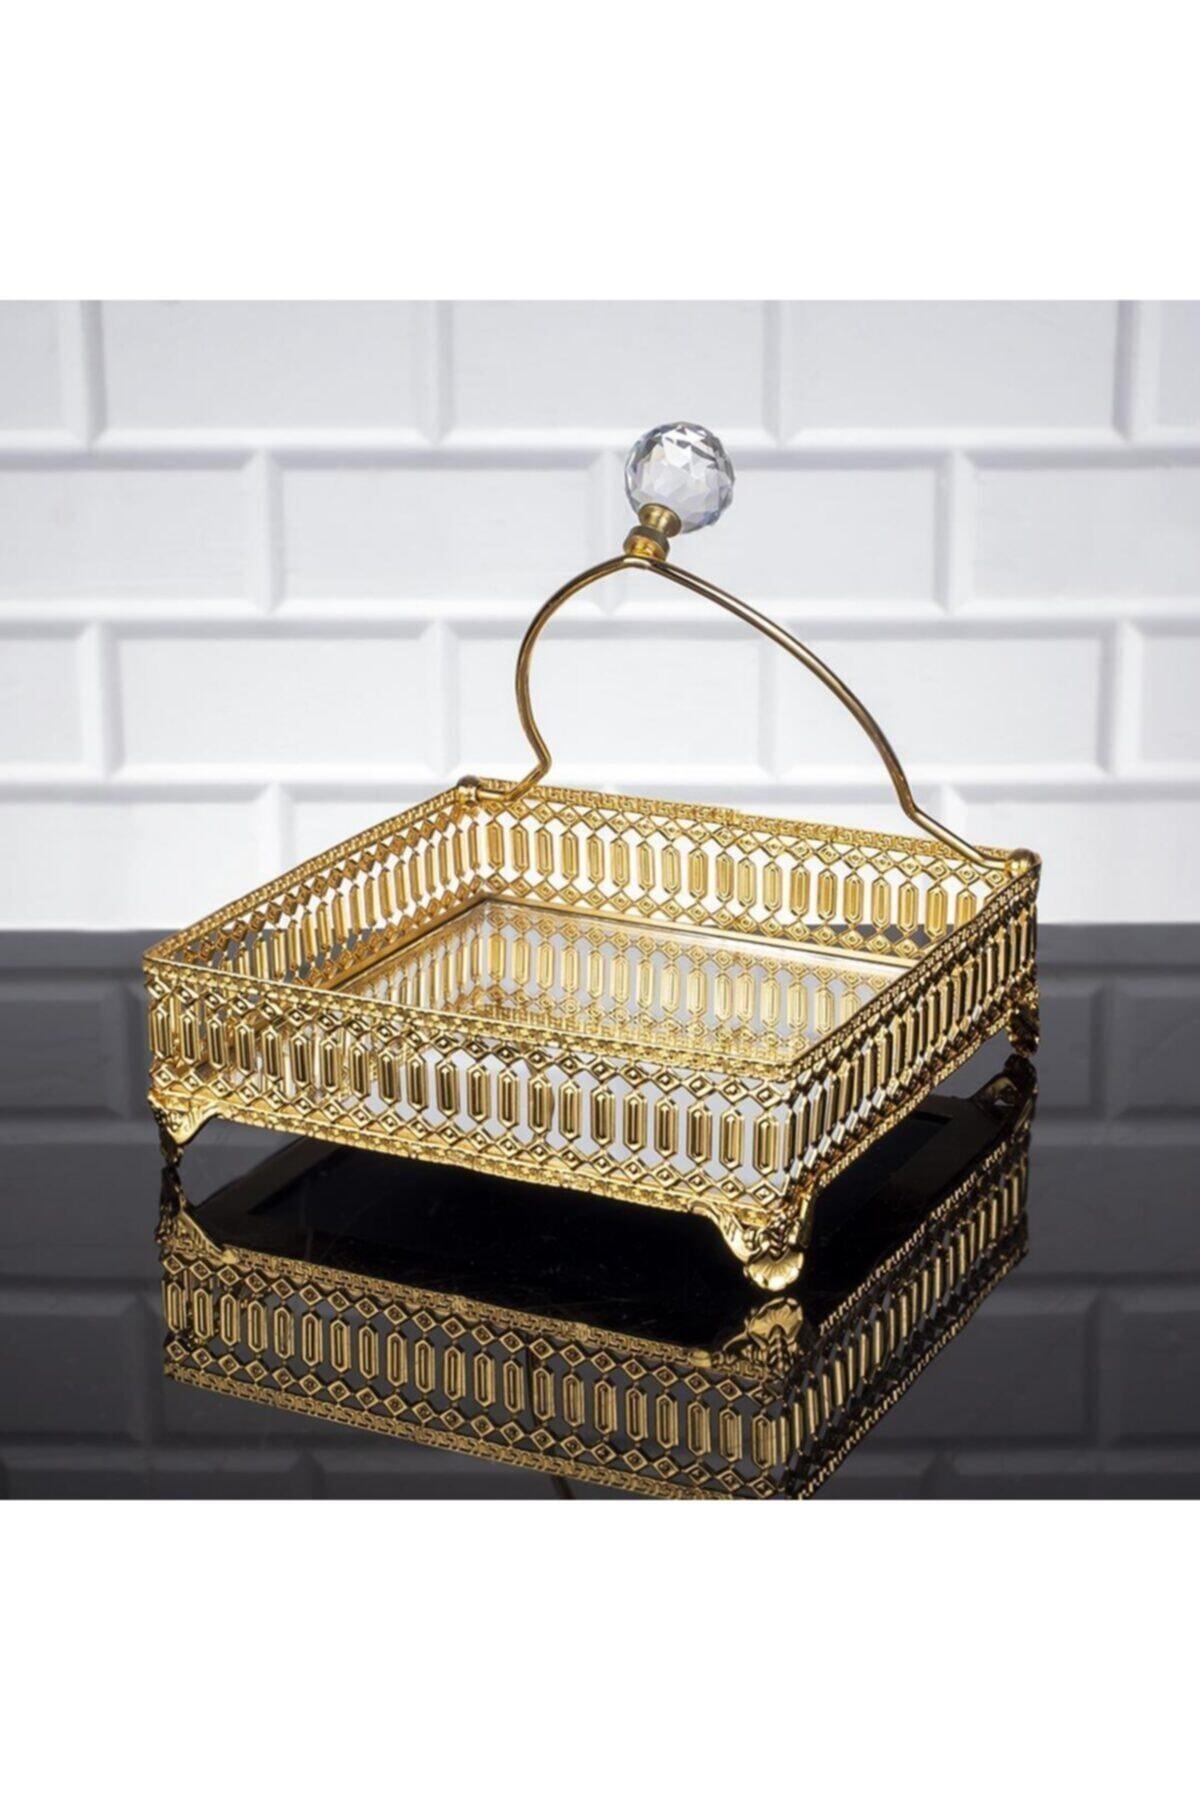 Oyks Inci Kare Peçetelik Gold Renk Peçete Uçurtmaz 1